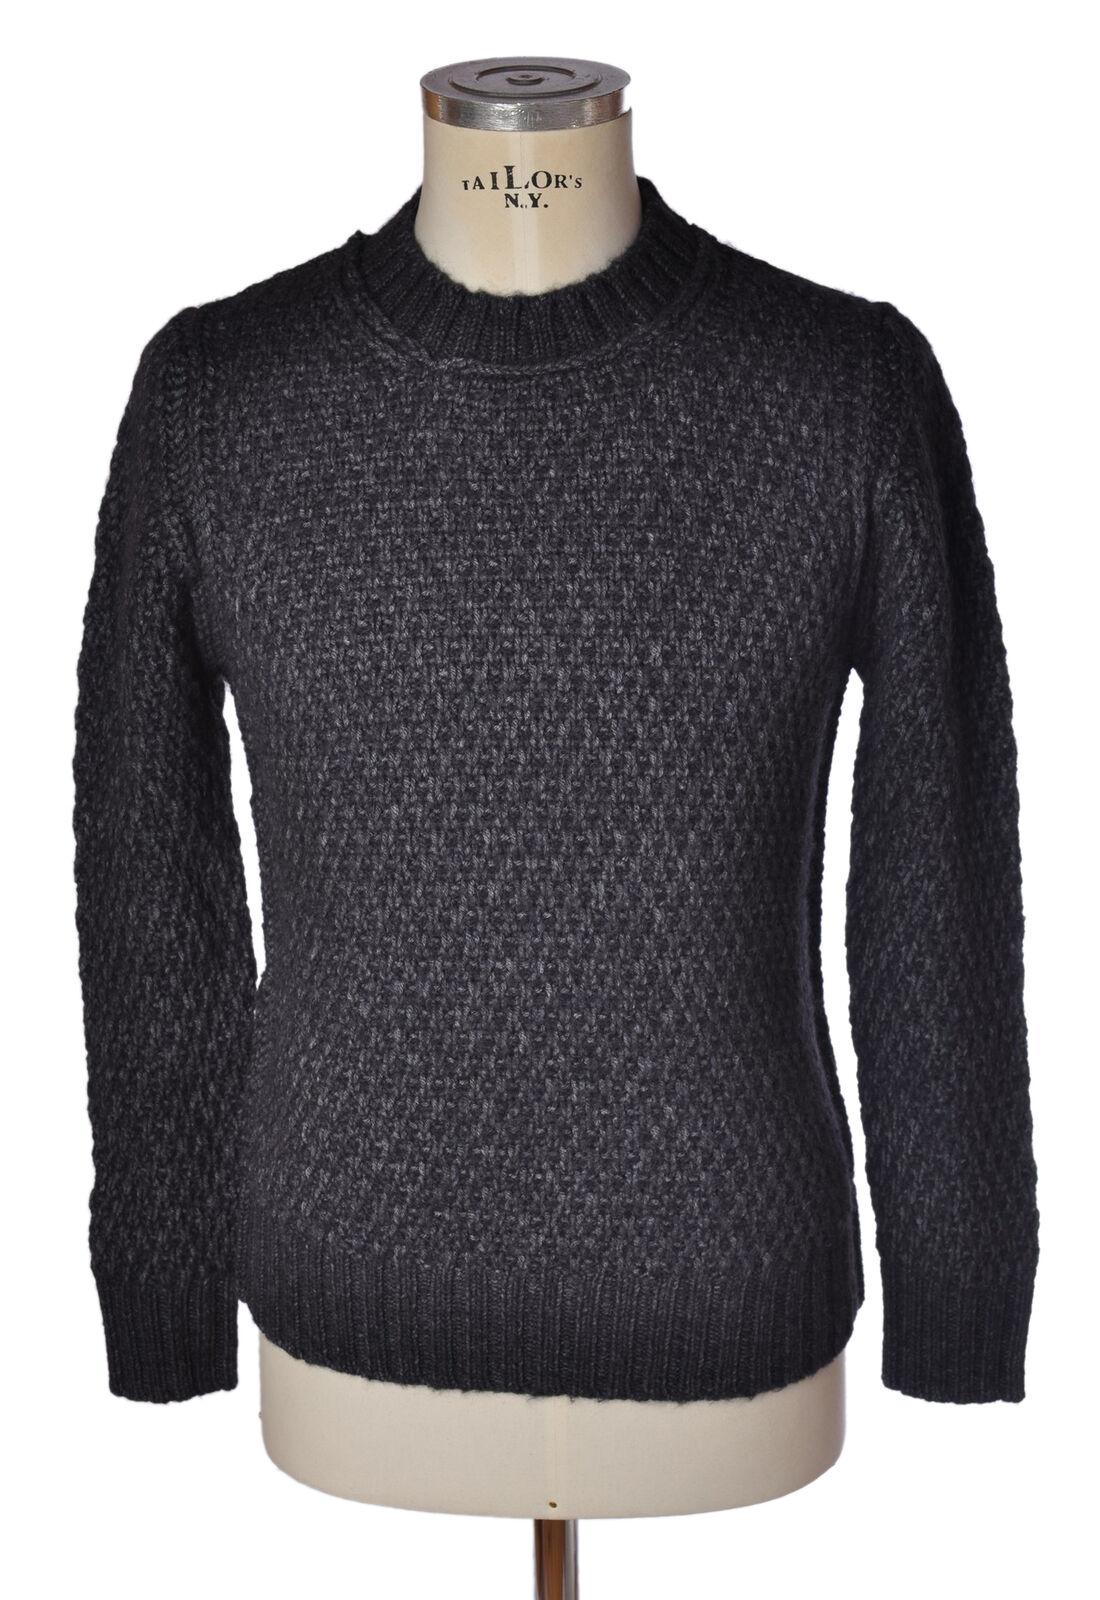 Alpha - Knitwear-Sweaters - man - 718517C183815